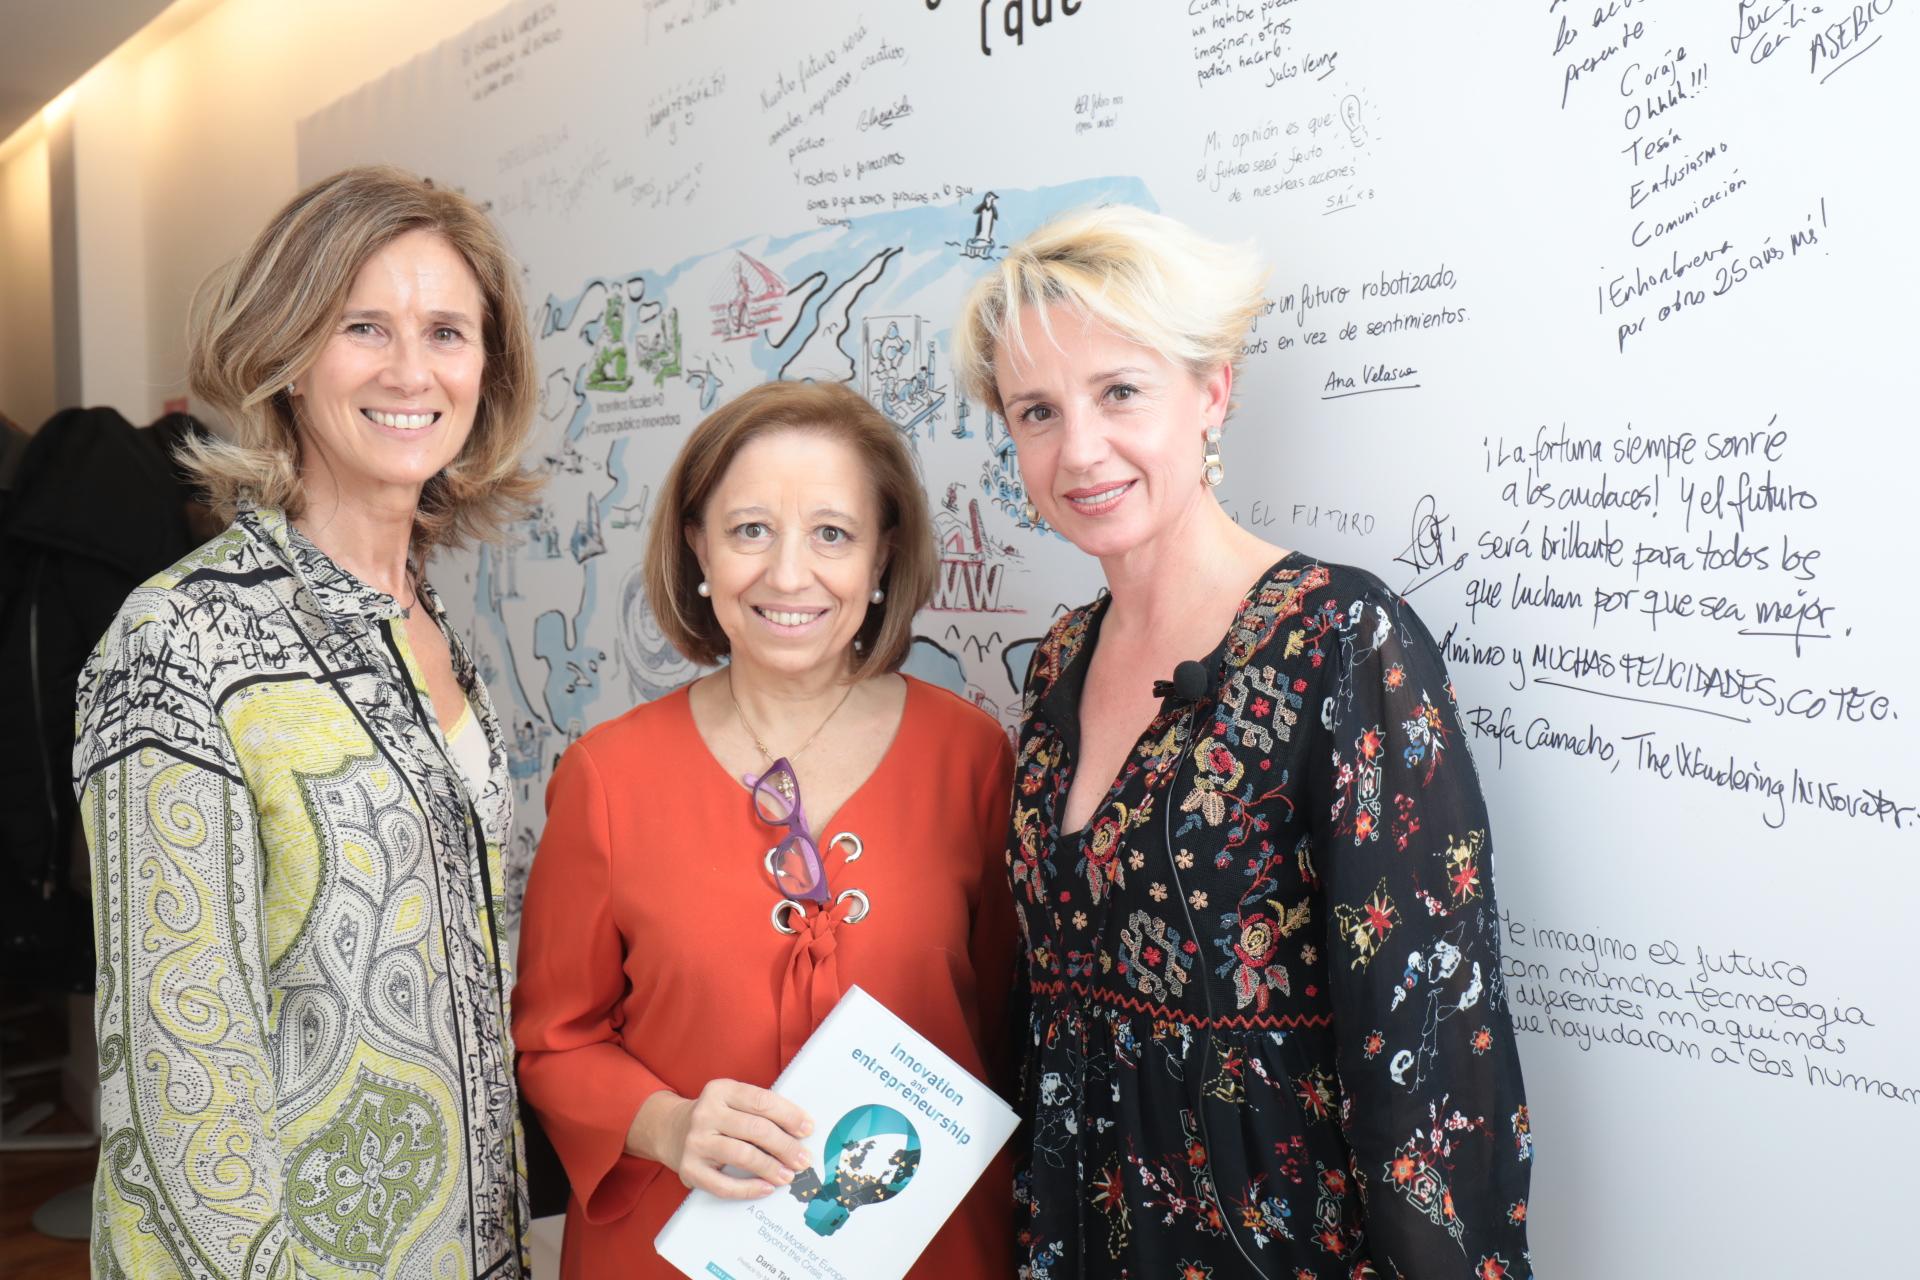 La asesora europea Daria Tataj defiende en Cotec un modelo de innovación basado en un nuevo compromiso social